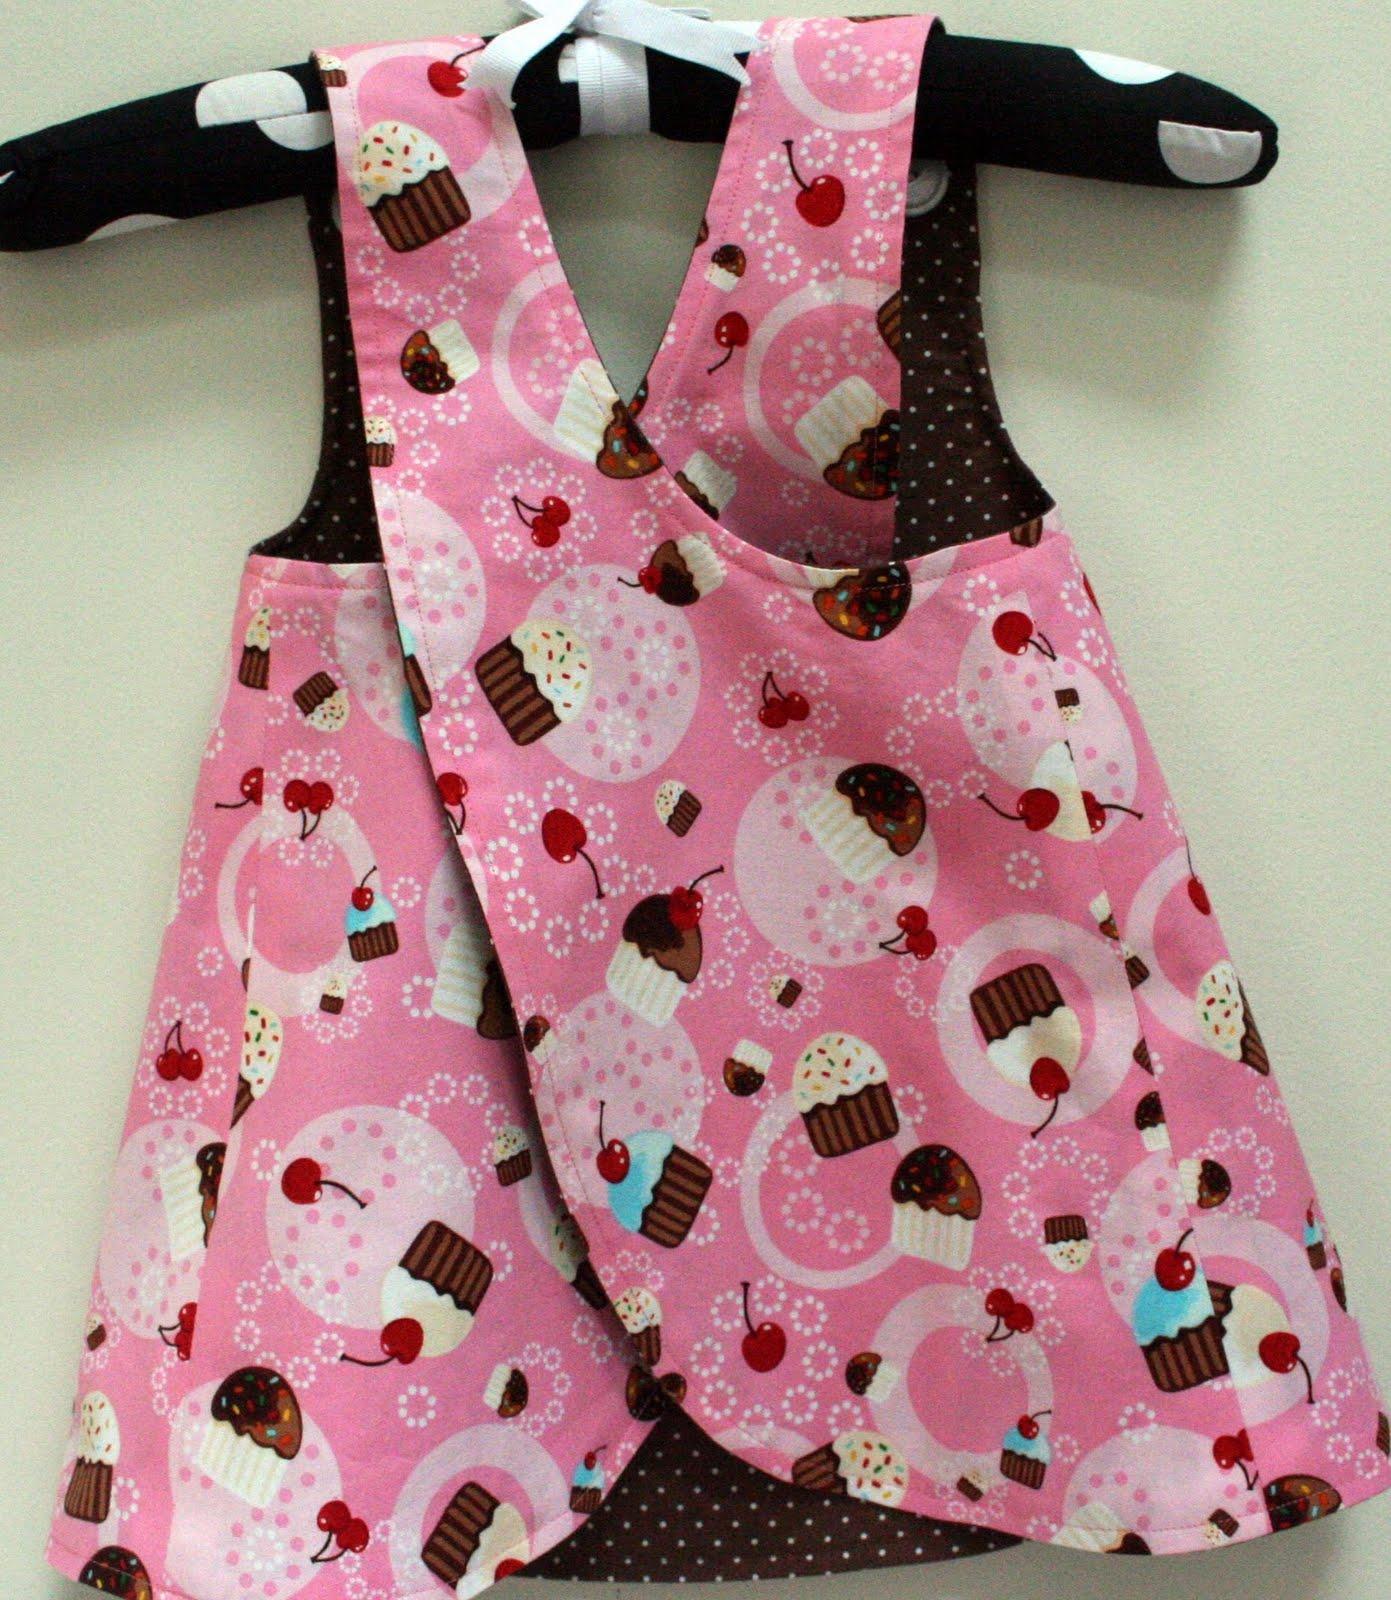 http://1.bp.blogspot.com/_AfK8g573wJY/S79NP07og9I/AAAAAAAAA5k/uFj-JKbMVR8/s1600/cupcake+jumper+back+view+pink+side.jpg